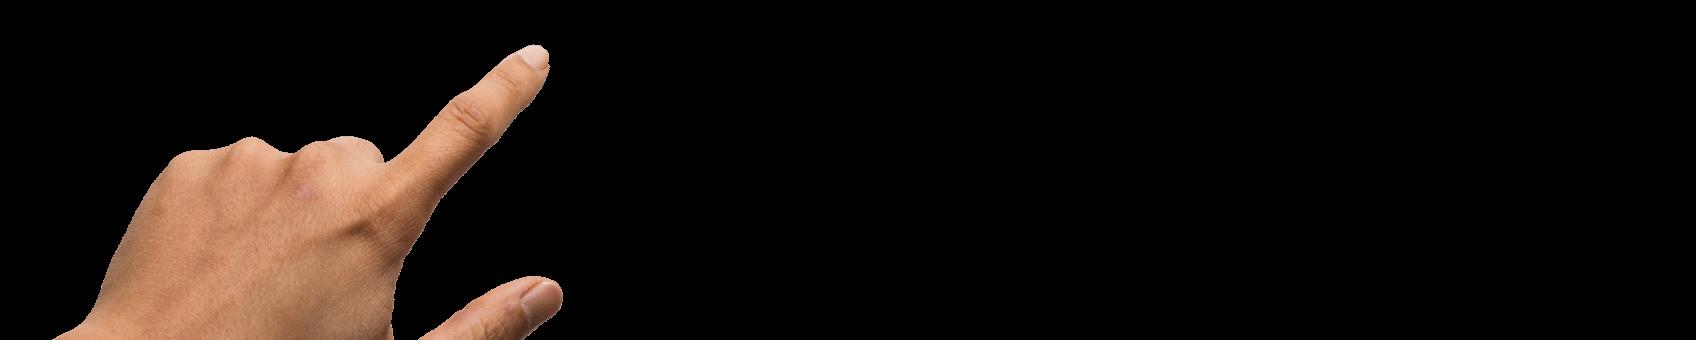 BEDAVA OYUN